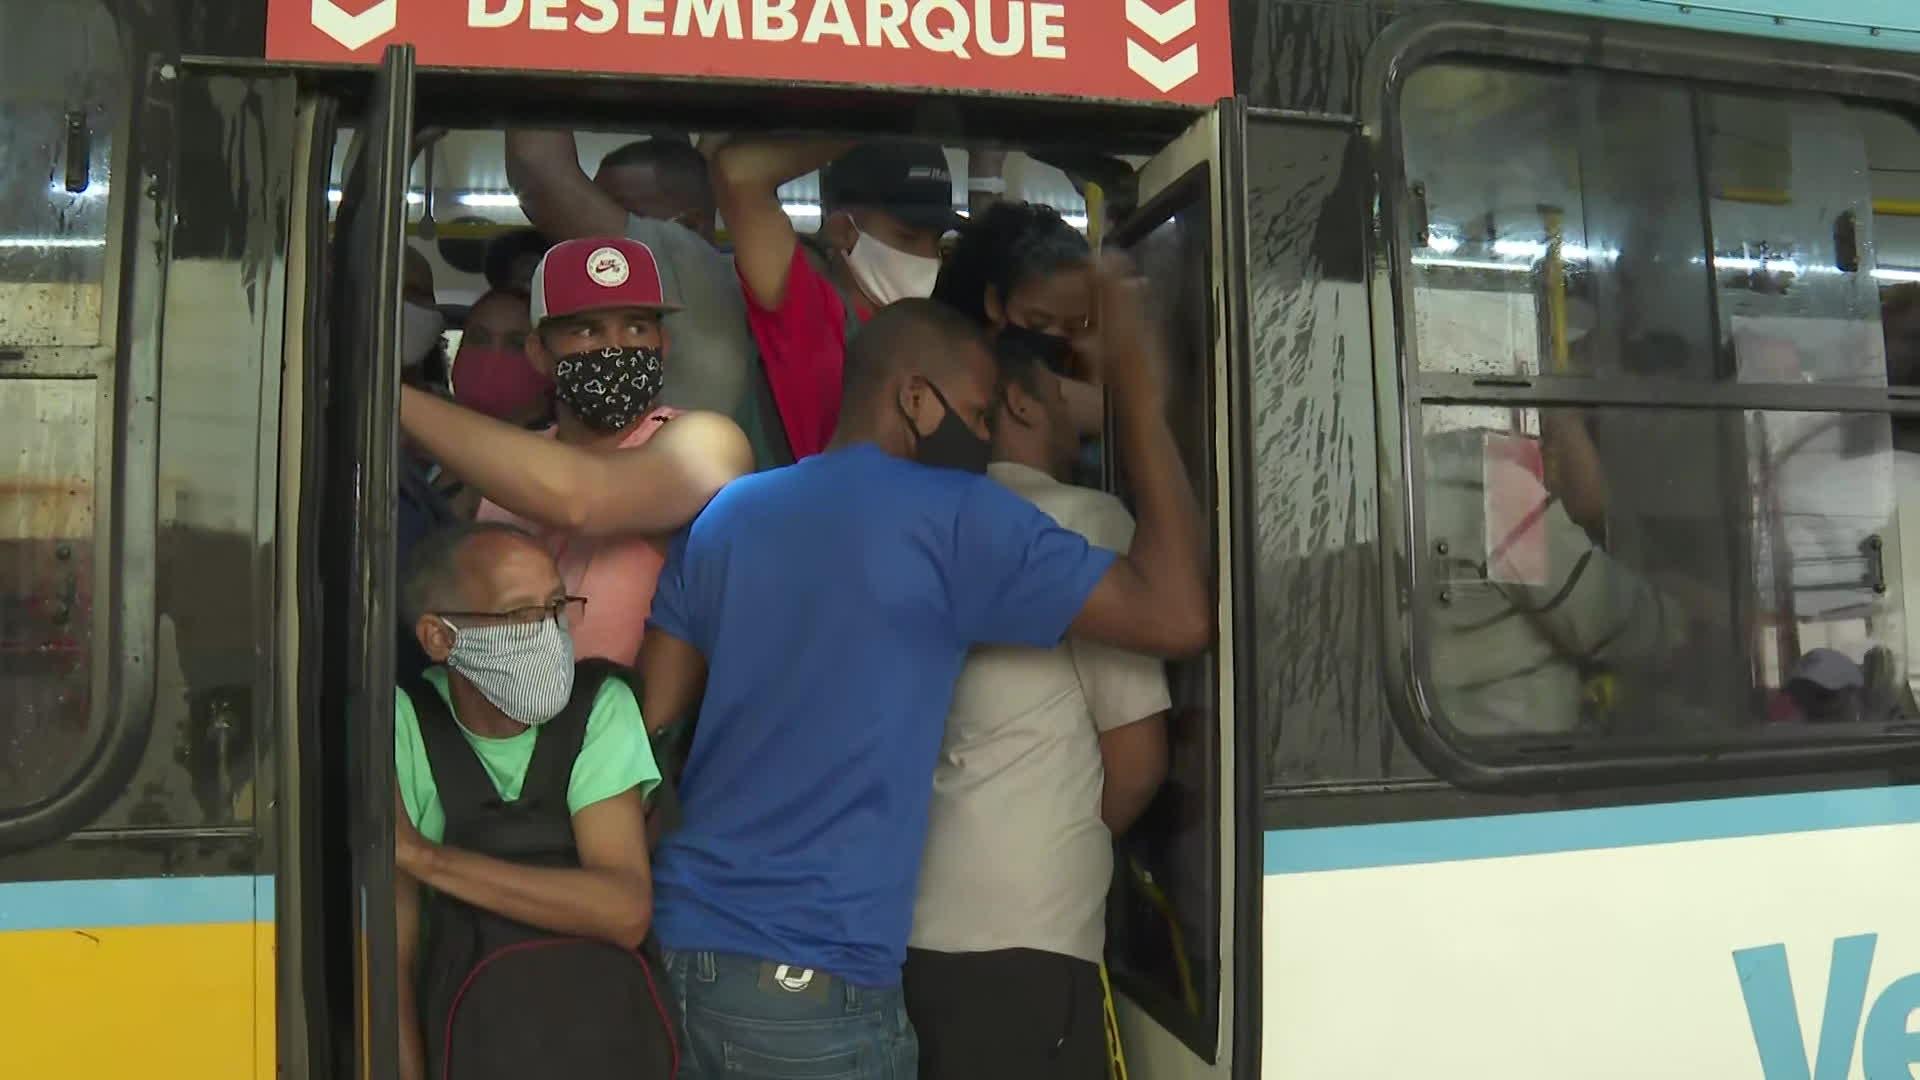 Fecomércio elabora pesquisa para entender como os comerciários usam o transporte público no Grande Recife